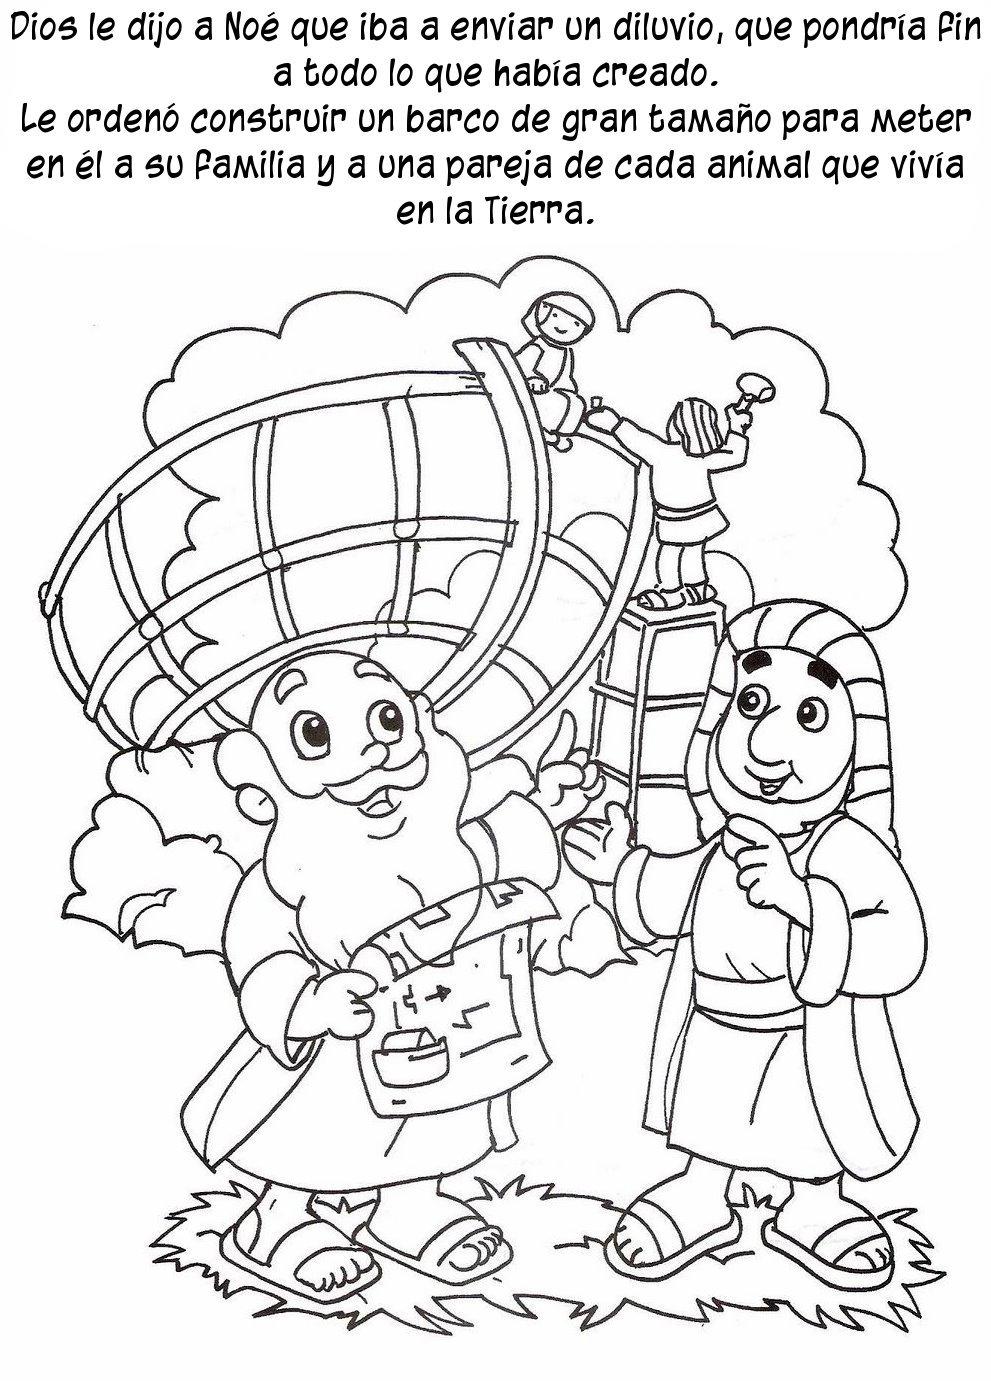 Compartiendo Por Amor Historia Arca Dibujos